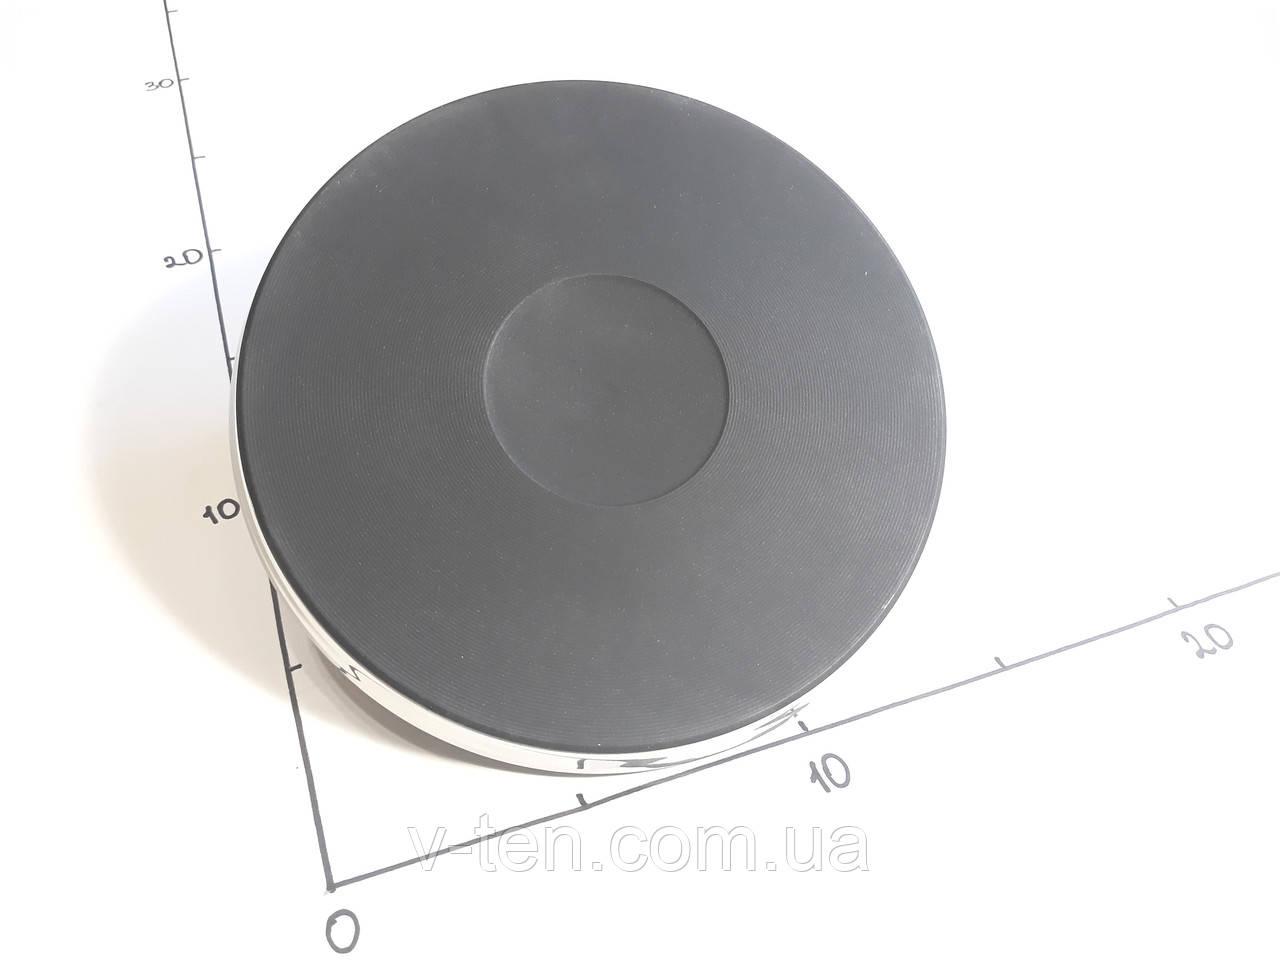 Электроконфорка Ø145/1000w (с двумя выводами для подключения)